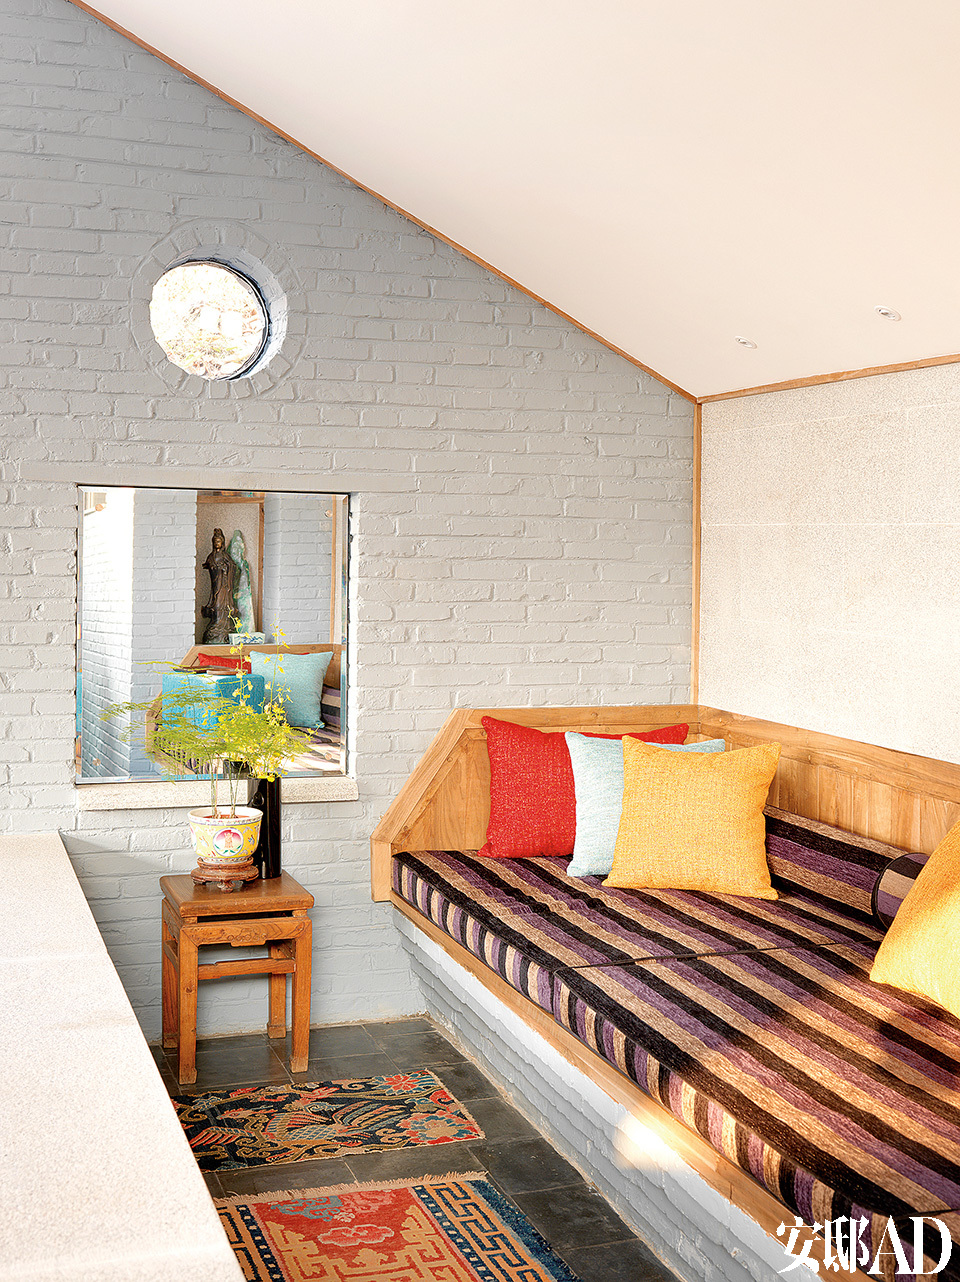 新起居室隔出来的小小的二层,很温馨的一个角落,可以在这里休息阅读,也可以欣赏后院里的风景。